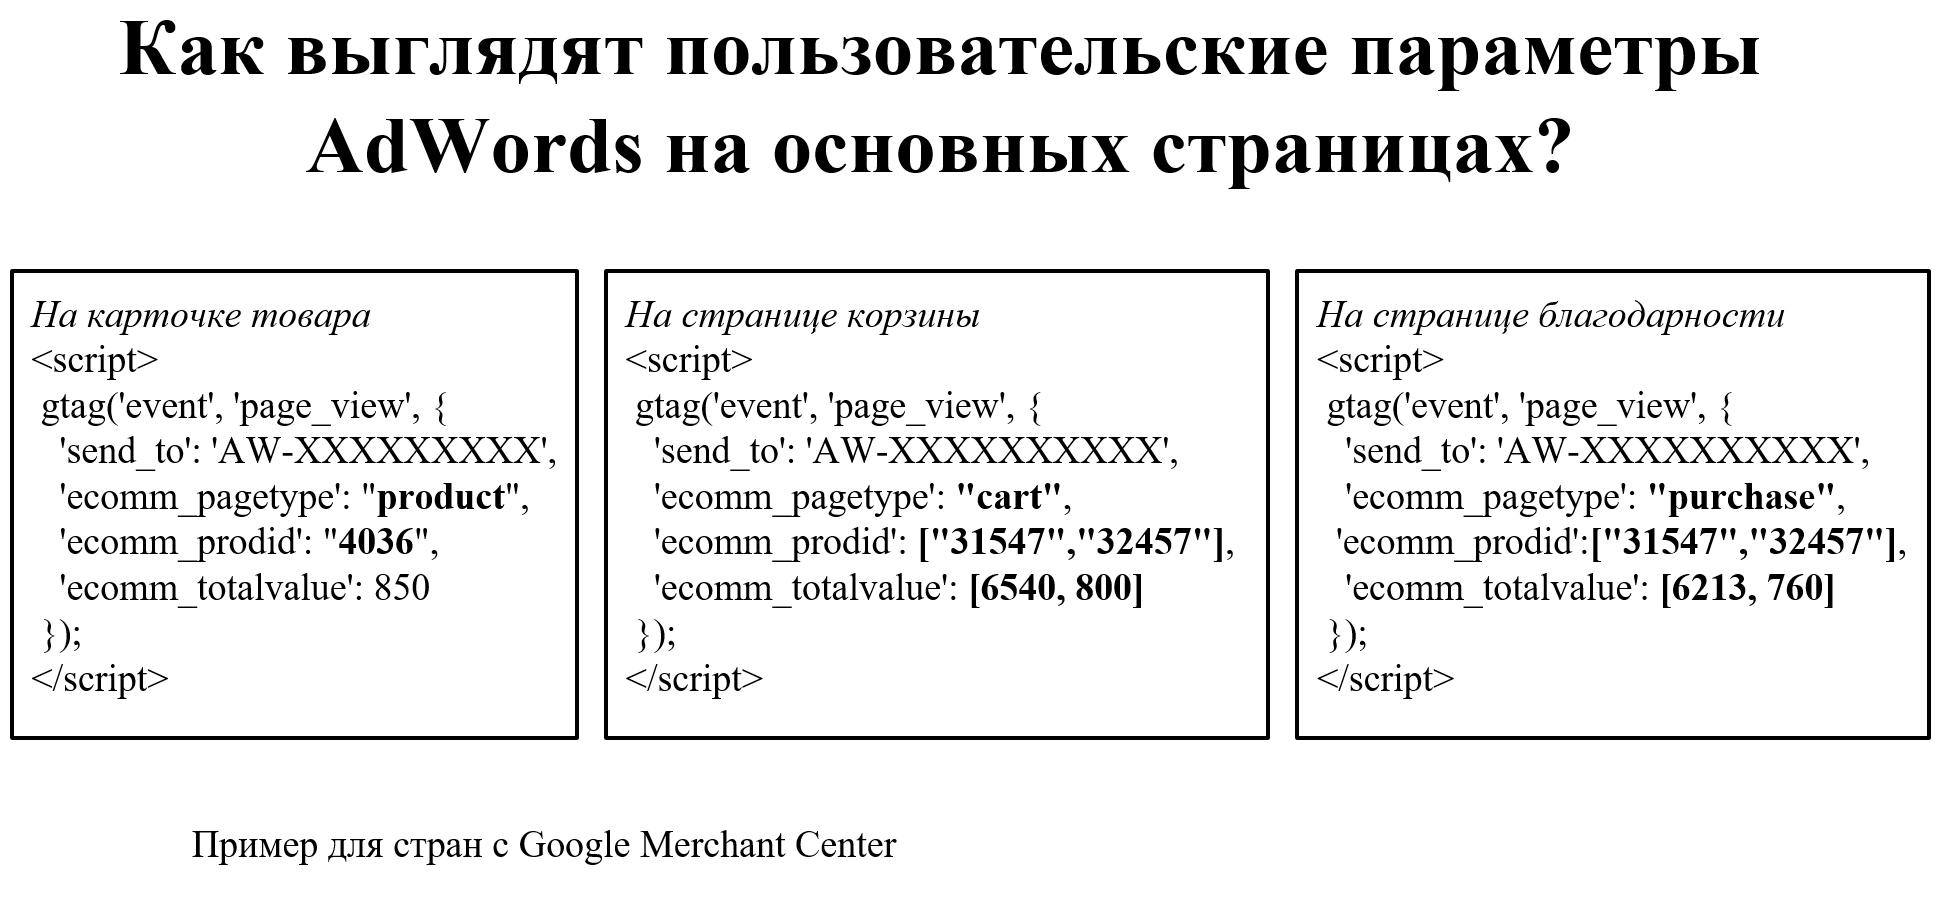 Как выглядят пользовательские параметры Adwrods на основных страницах